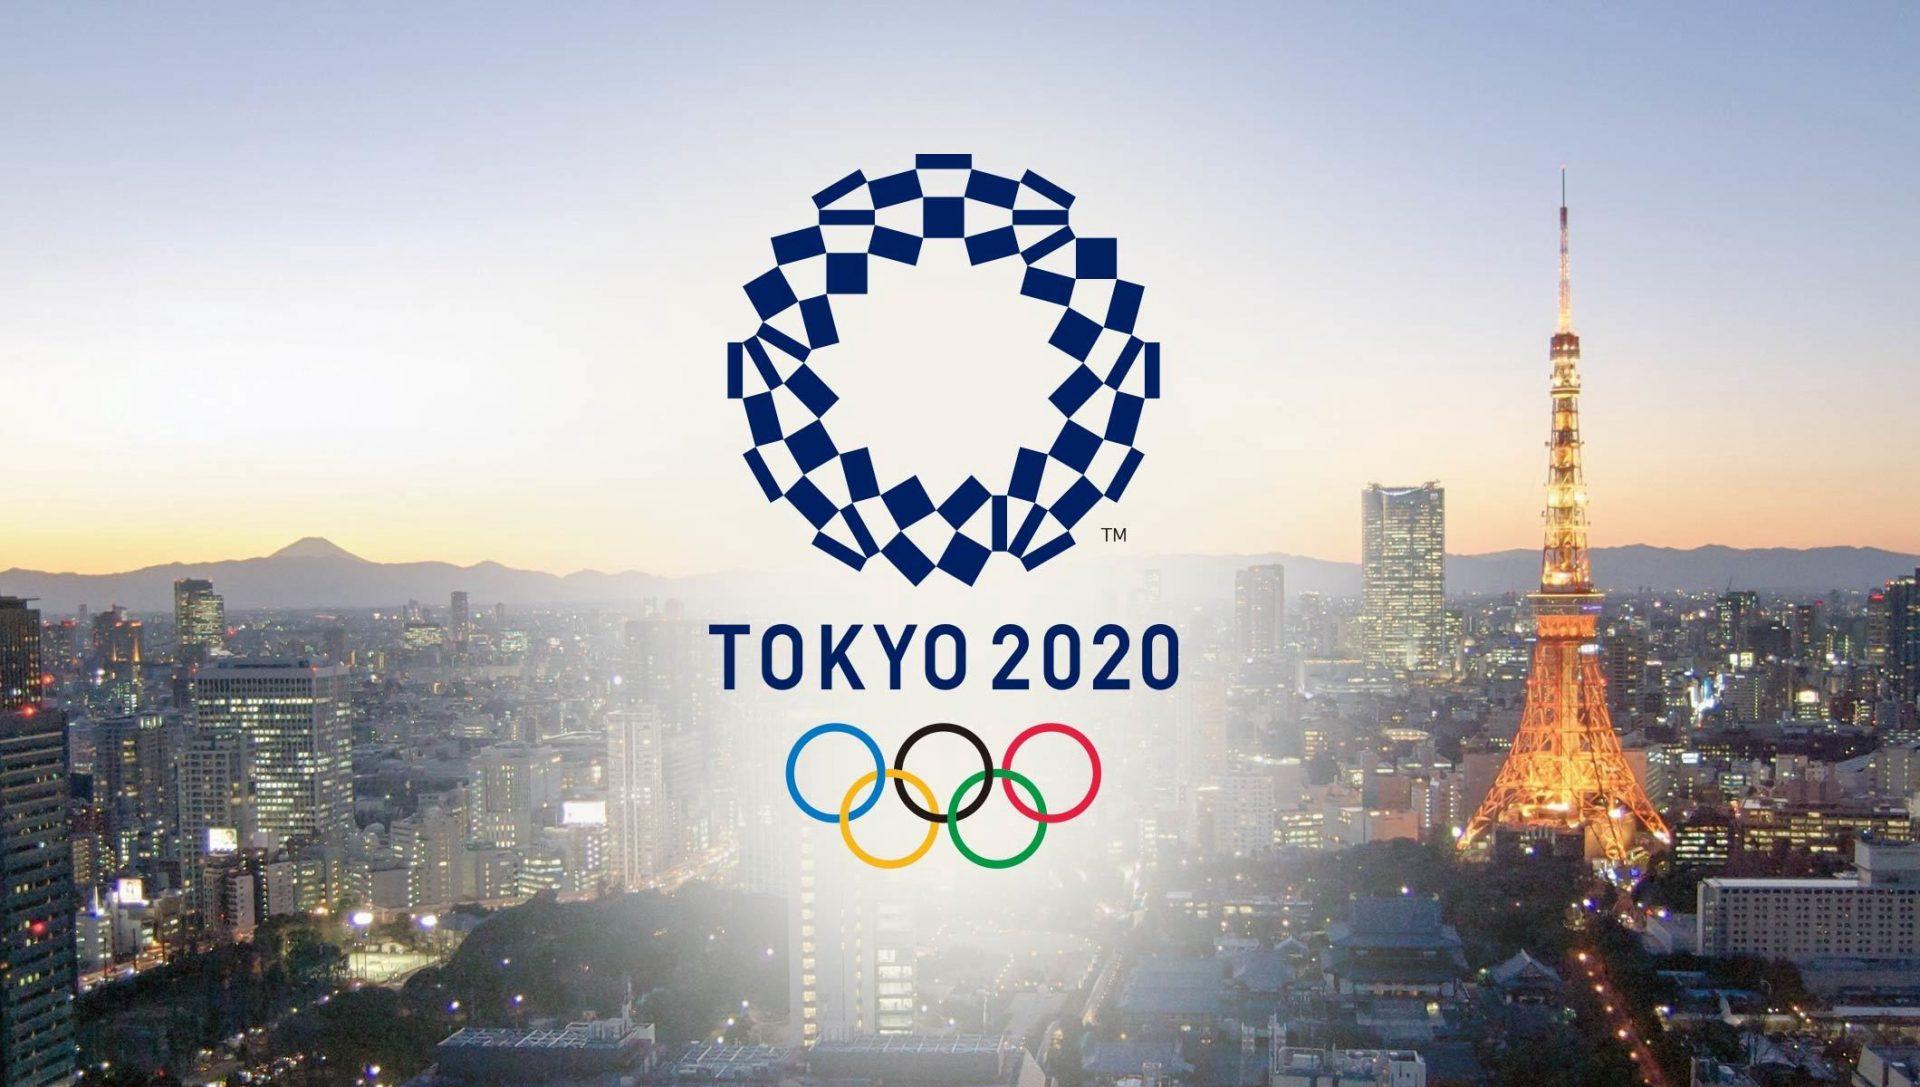 Olimpíadas 2020: Como o Japão fez para reorganizar um evento de escala global?